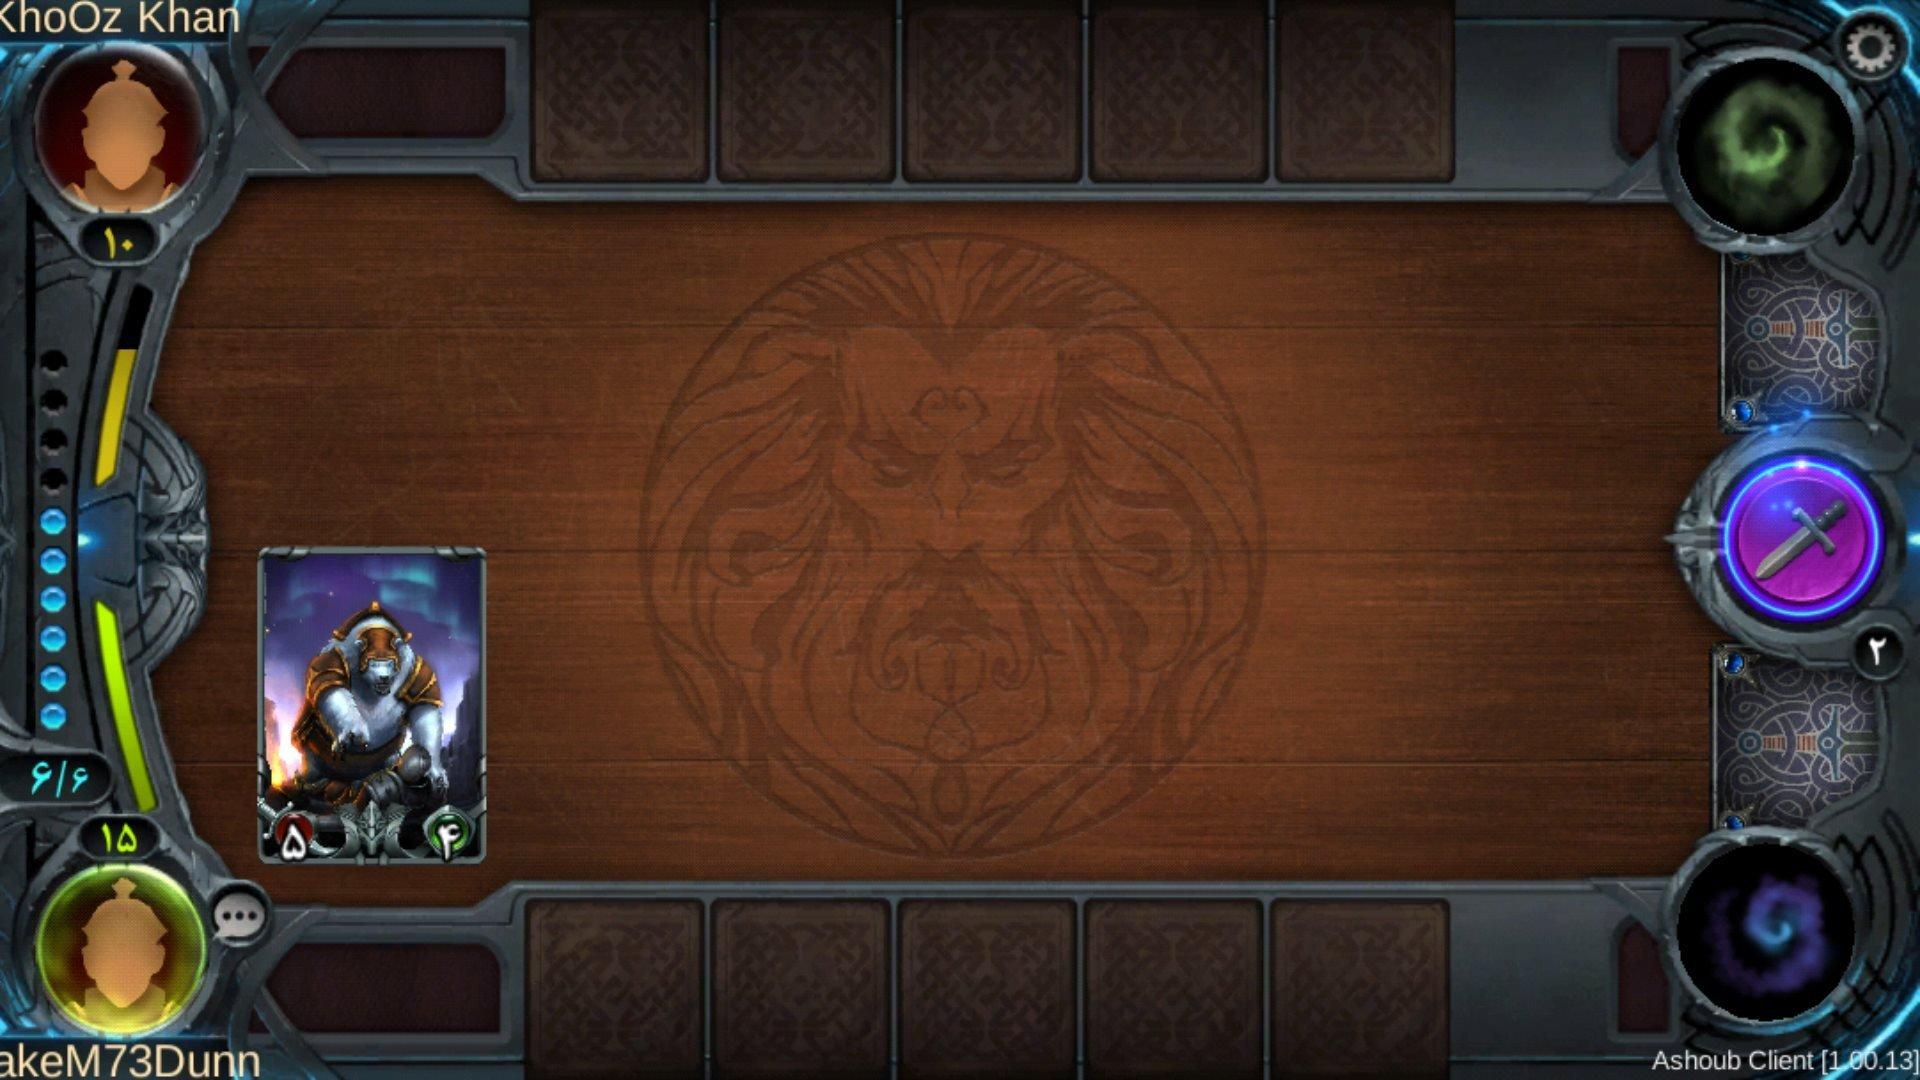 میز بازی - کارت های دشمن در ردیف بالا چیده می شود و کارت های شما در ردیف پایین. گوشه ی سمت چپ نیز شما و دشمن تان هستید. در صورتی که کارت های تان تمام شده باشد، تقریبا بی دفاع باقی می مانید و آماده ضربات مهلک می شوید...